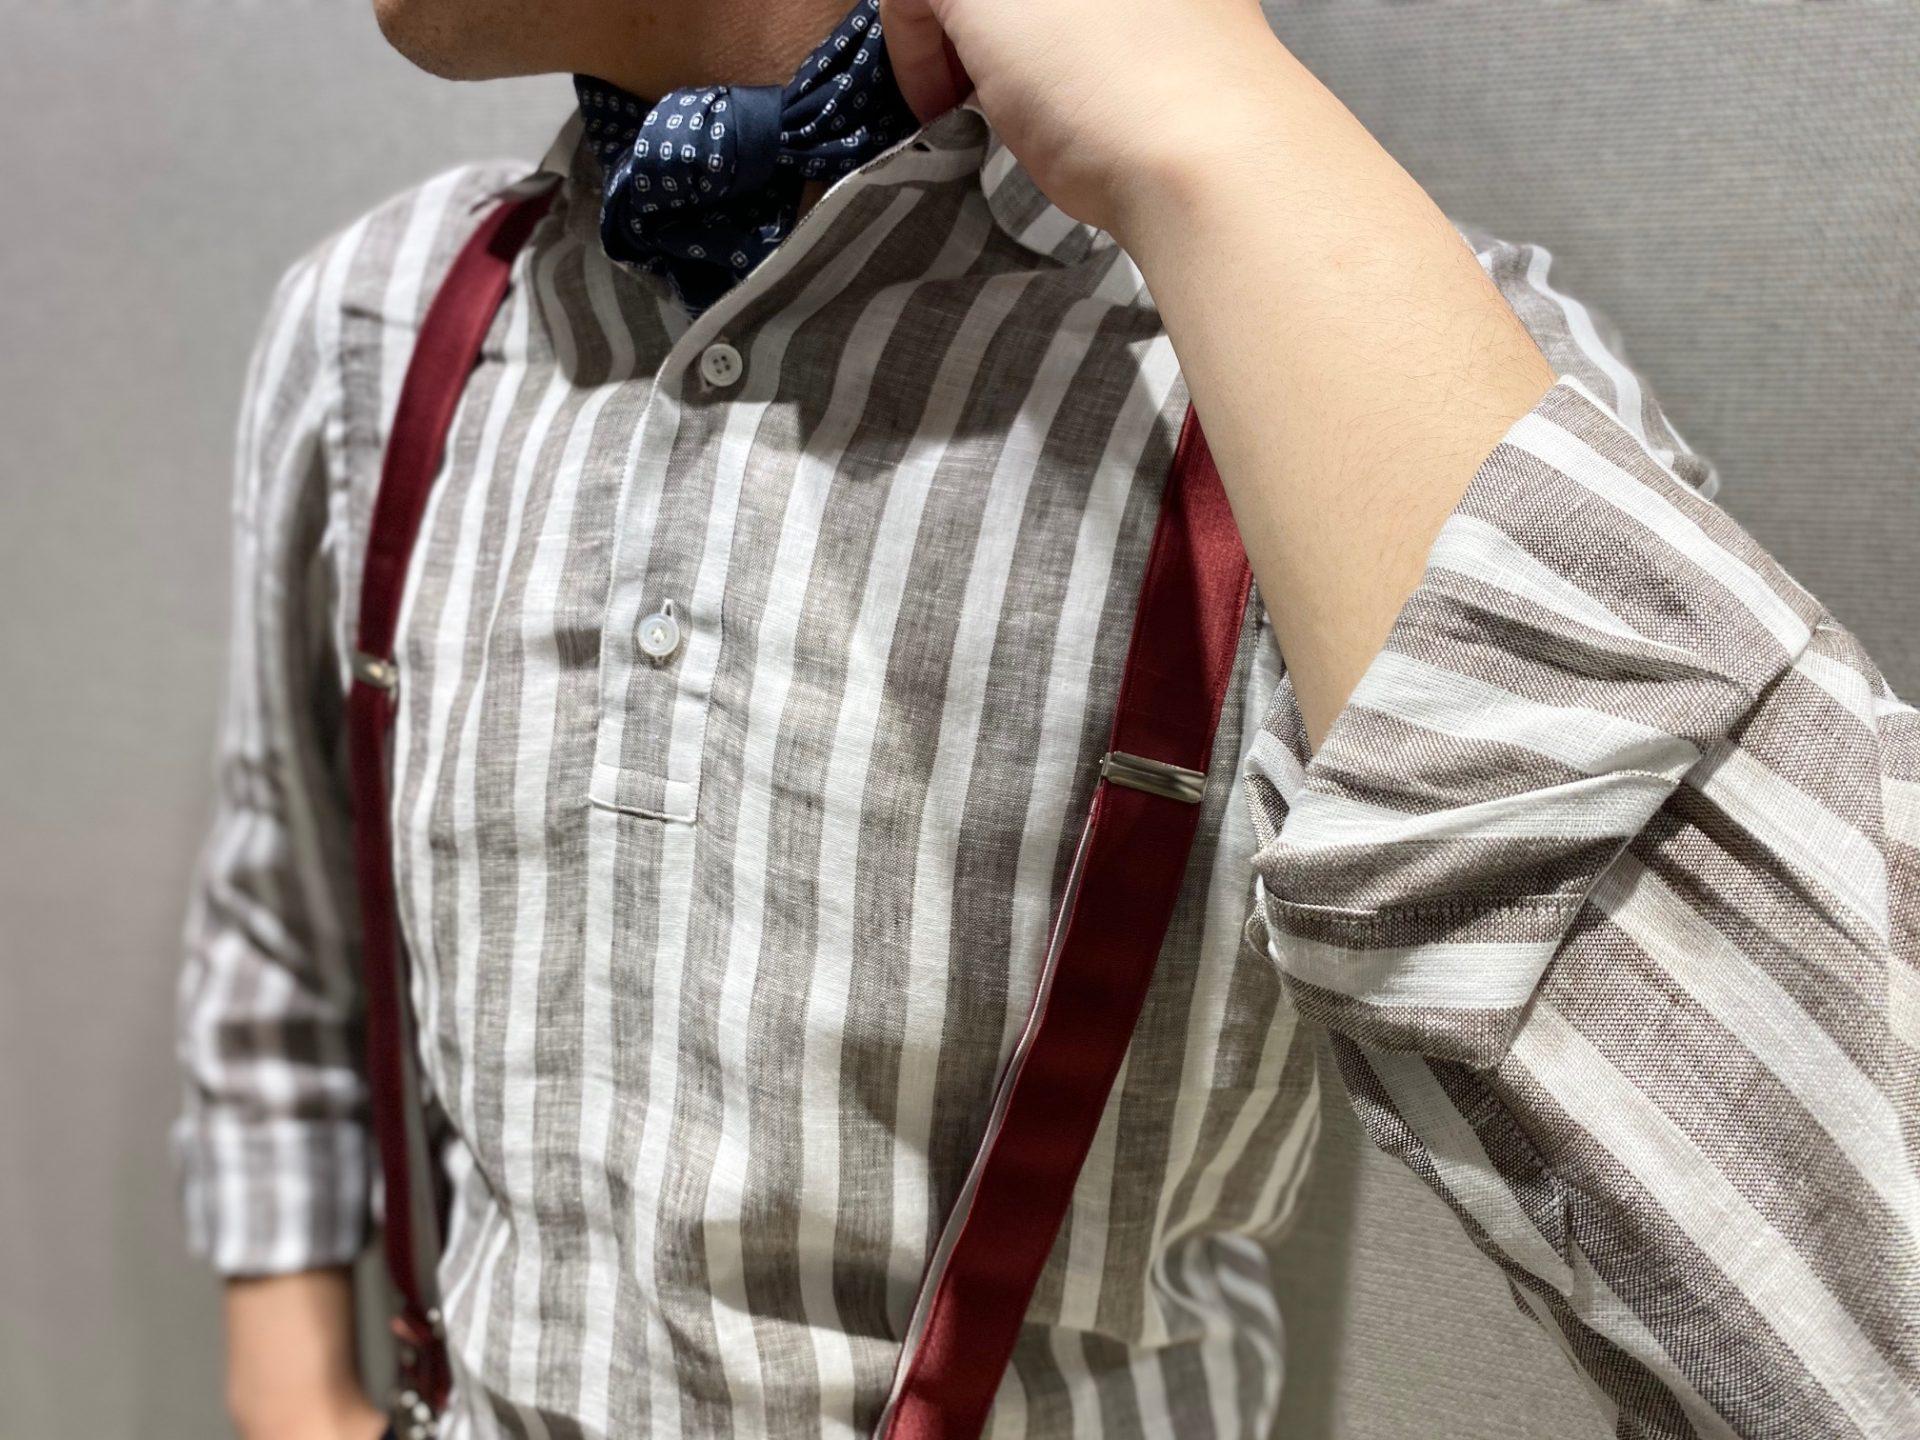 フォーチュンガーデン京都でお式を挙げられる方におすすめしたいERRICO FORMICOLA(エリコ フォルミコラ)のブラウンのストライプシャツにブラックのシルクストールを合わせた大人なコーディネート